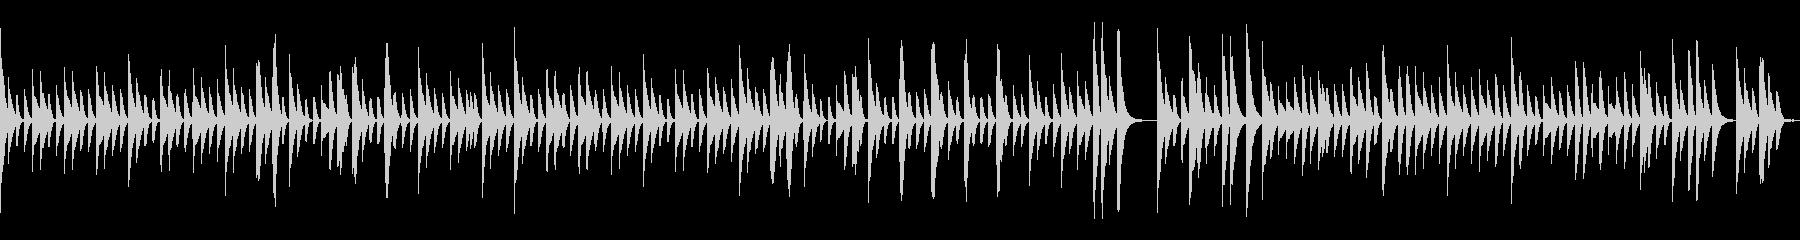 マリンバでループする牧歌的インストの未再生の波形